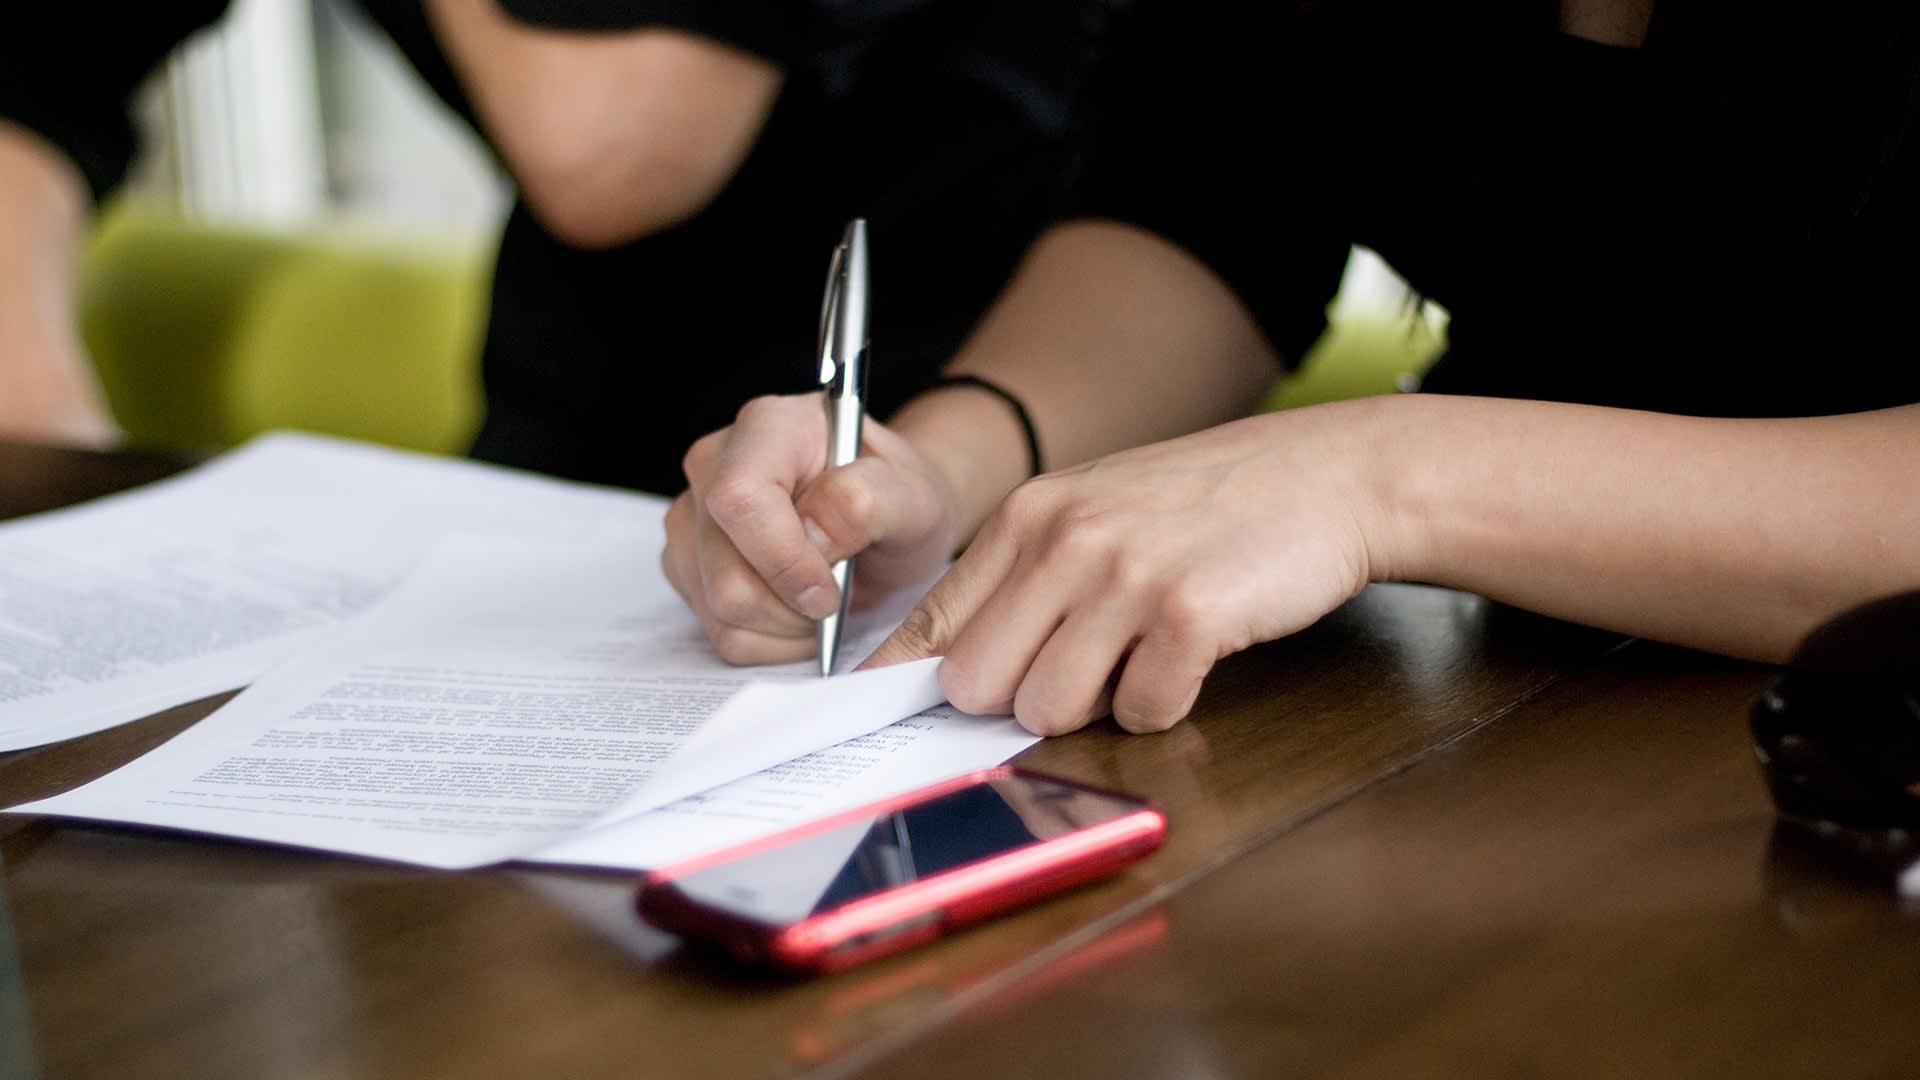 Henkilö kirjoittaa paperille.